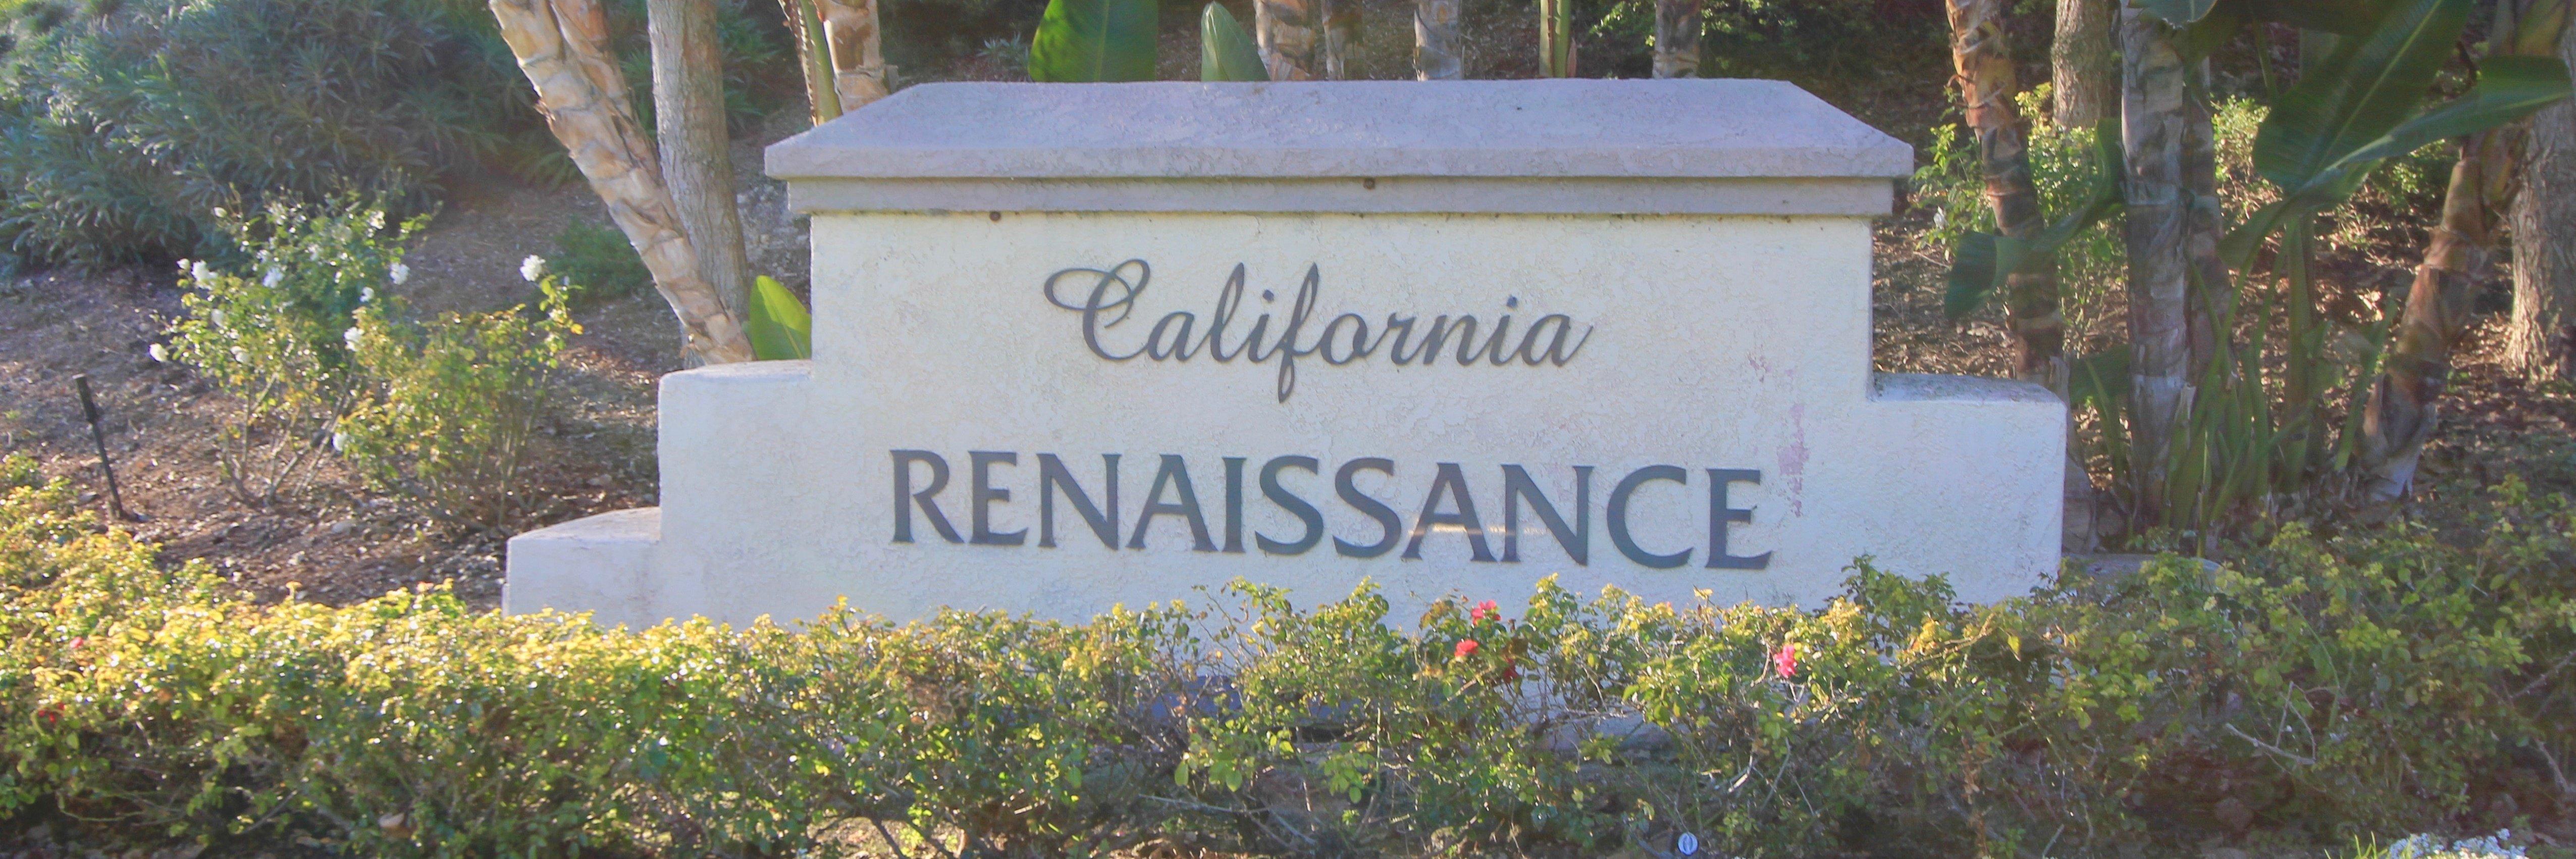 California Renaissance Community Marquee in Aliso Viejo Ca